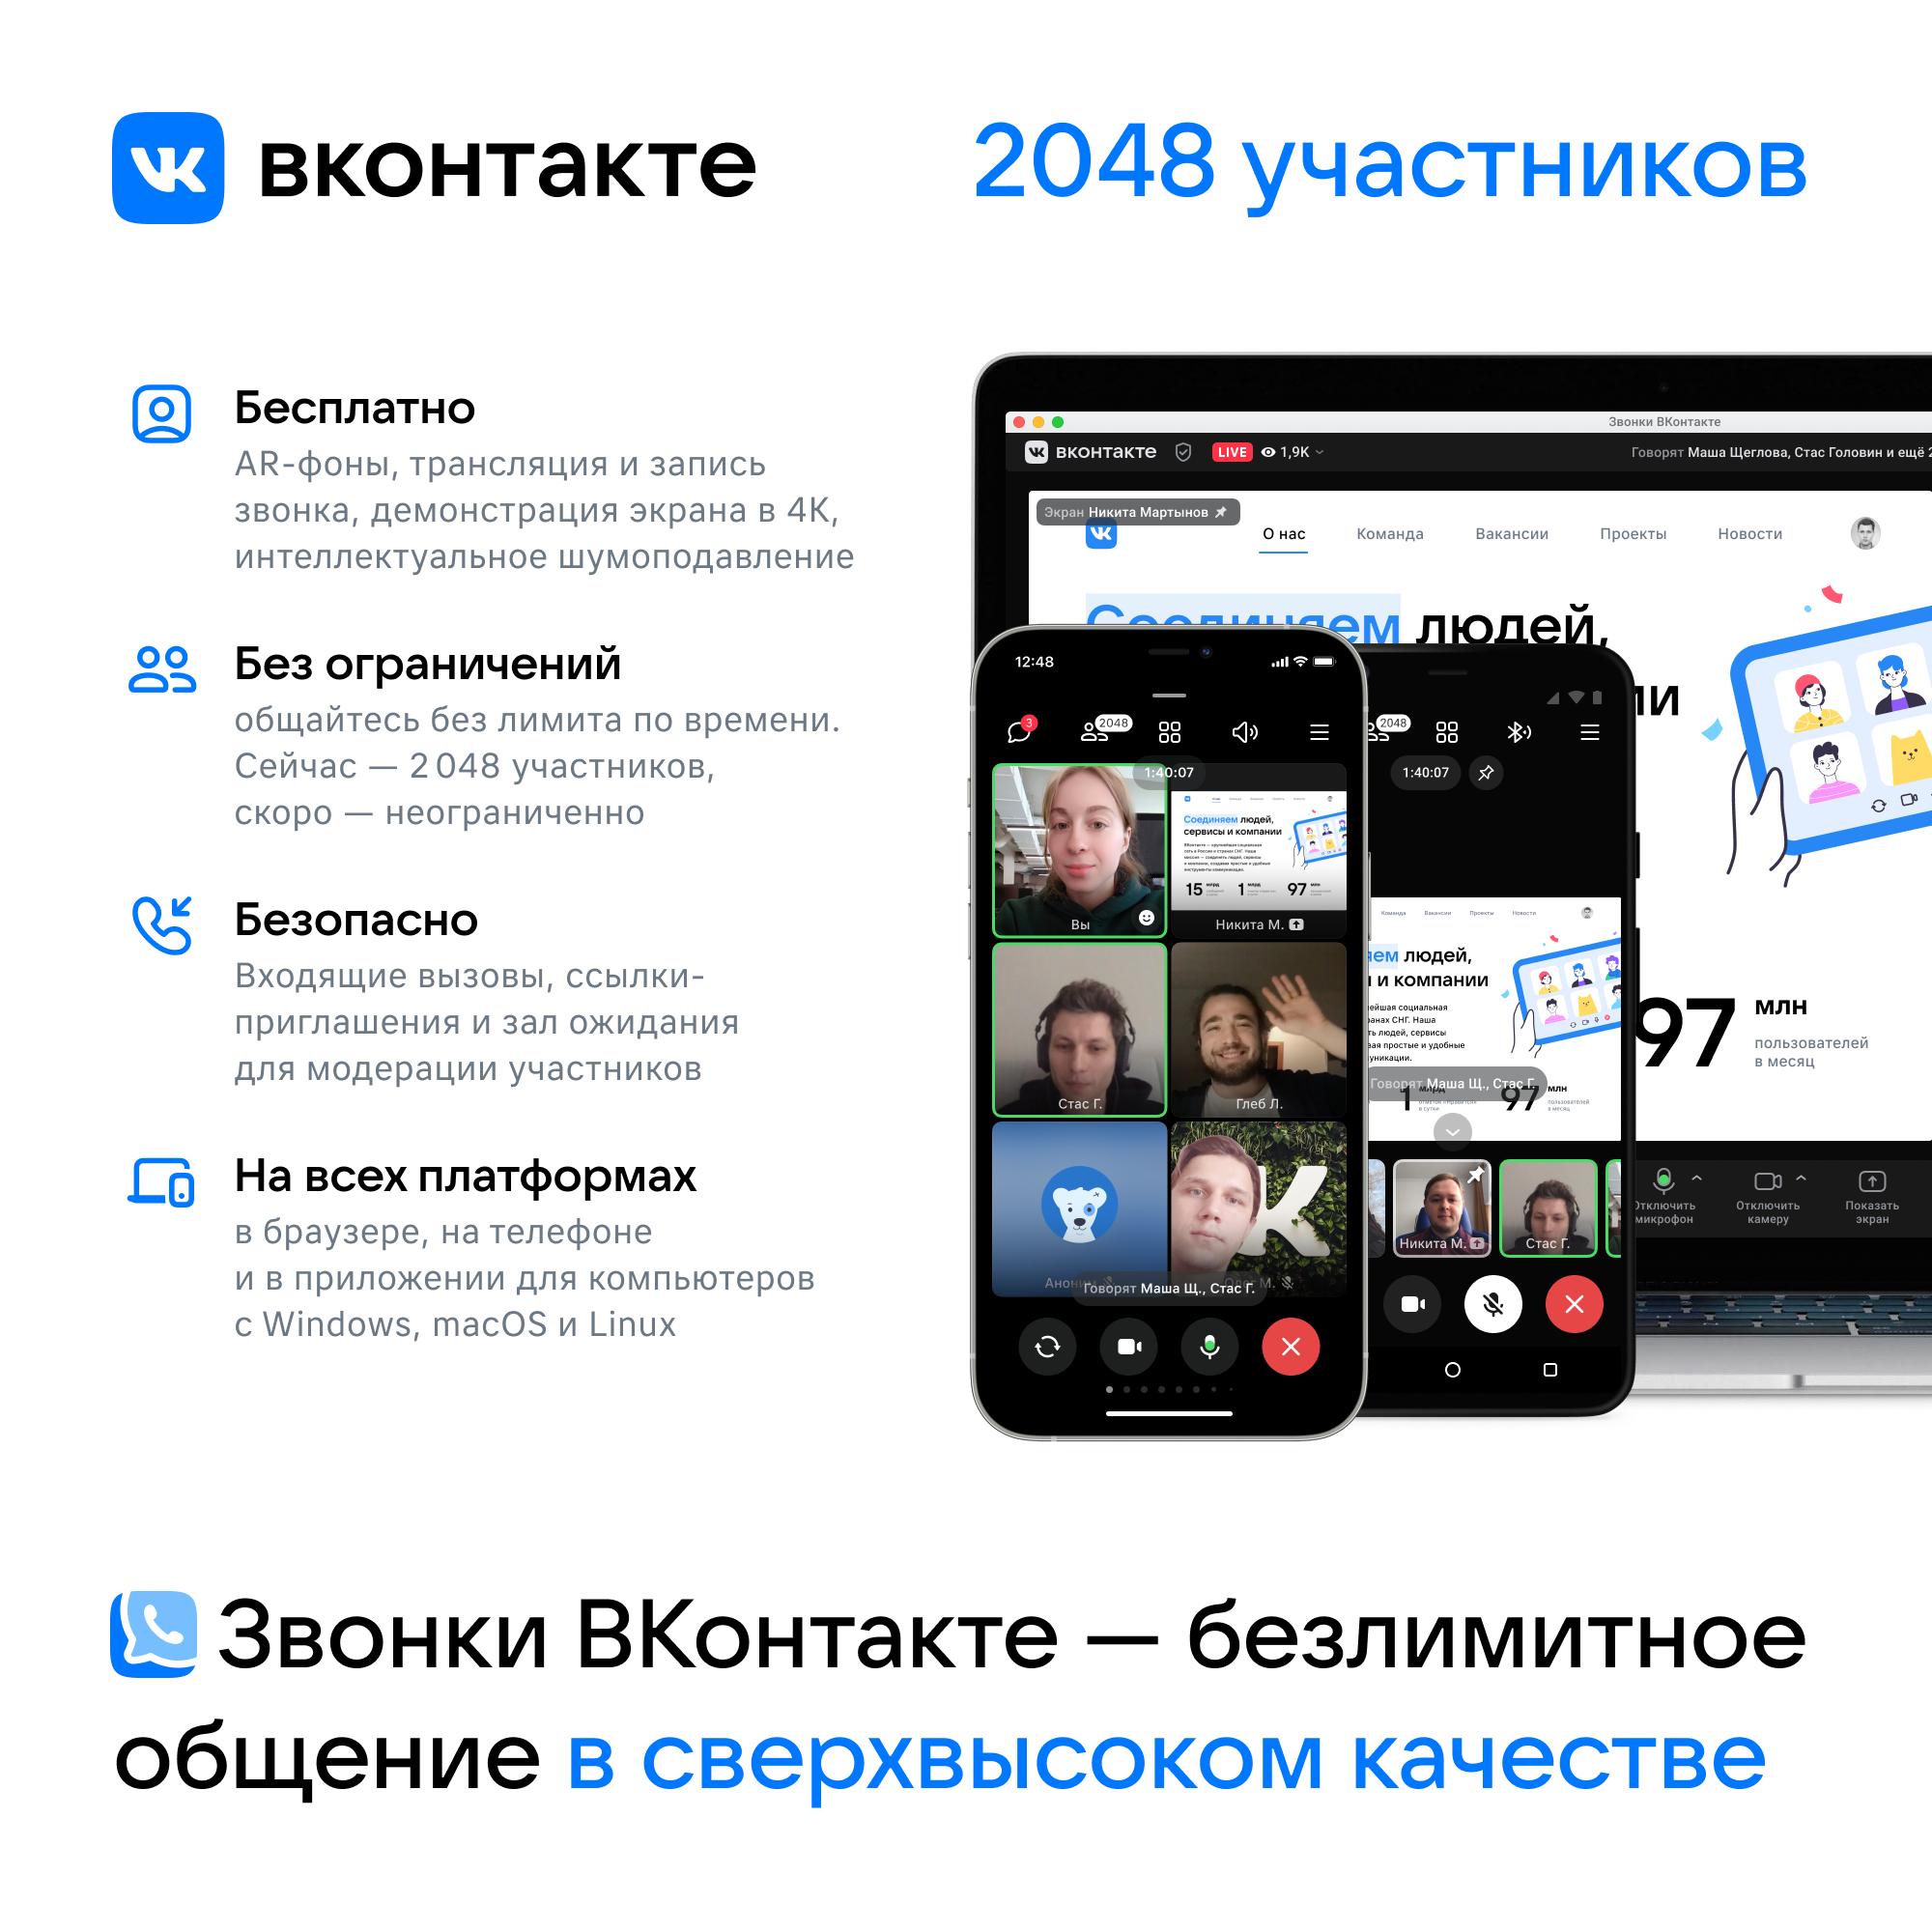 «ВКонтакте» запустила десктопное приложение для видеозвонков на 2048 участников